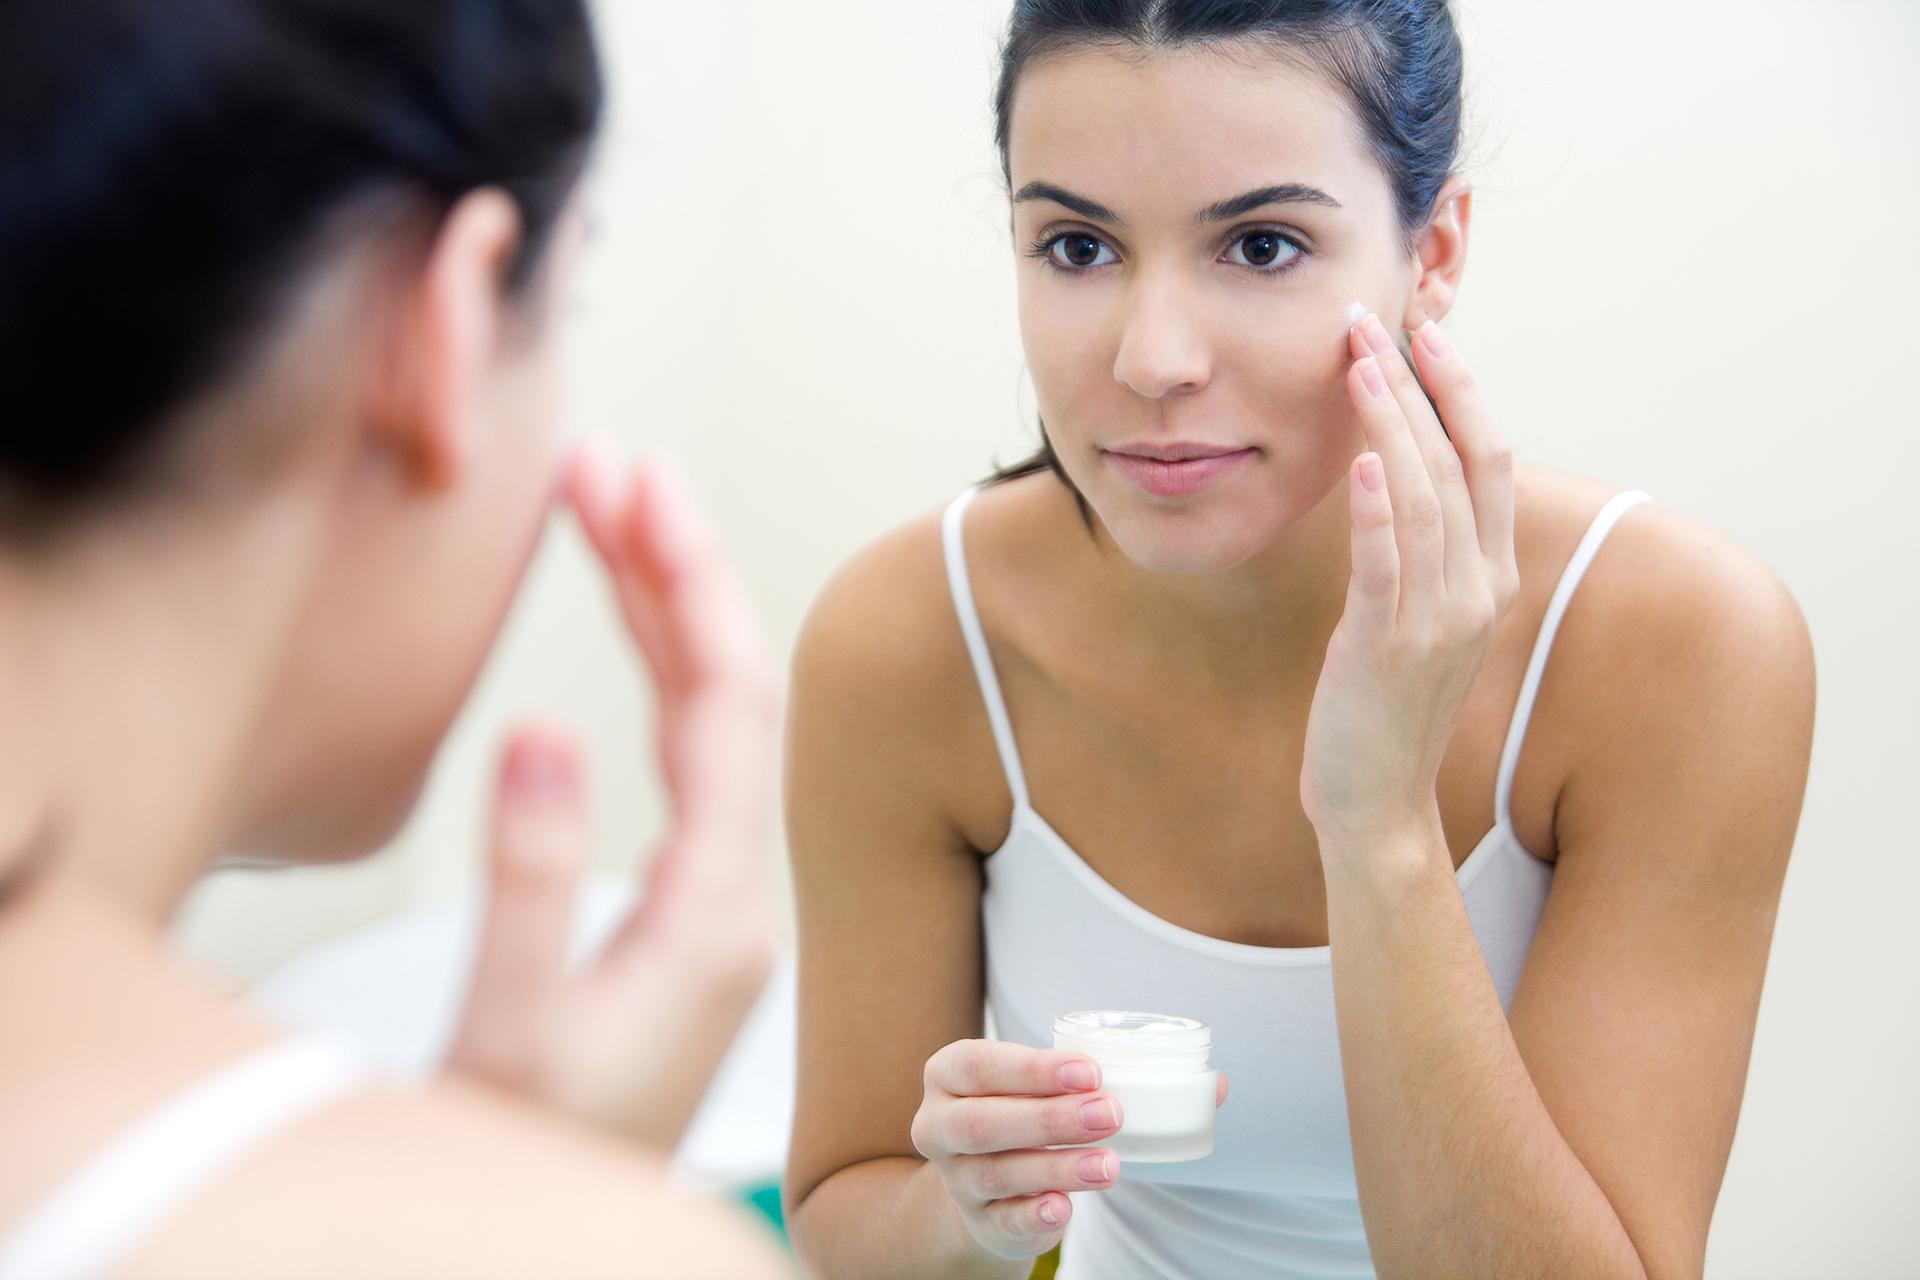 7 Strategies for Better Skin in 2017